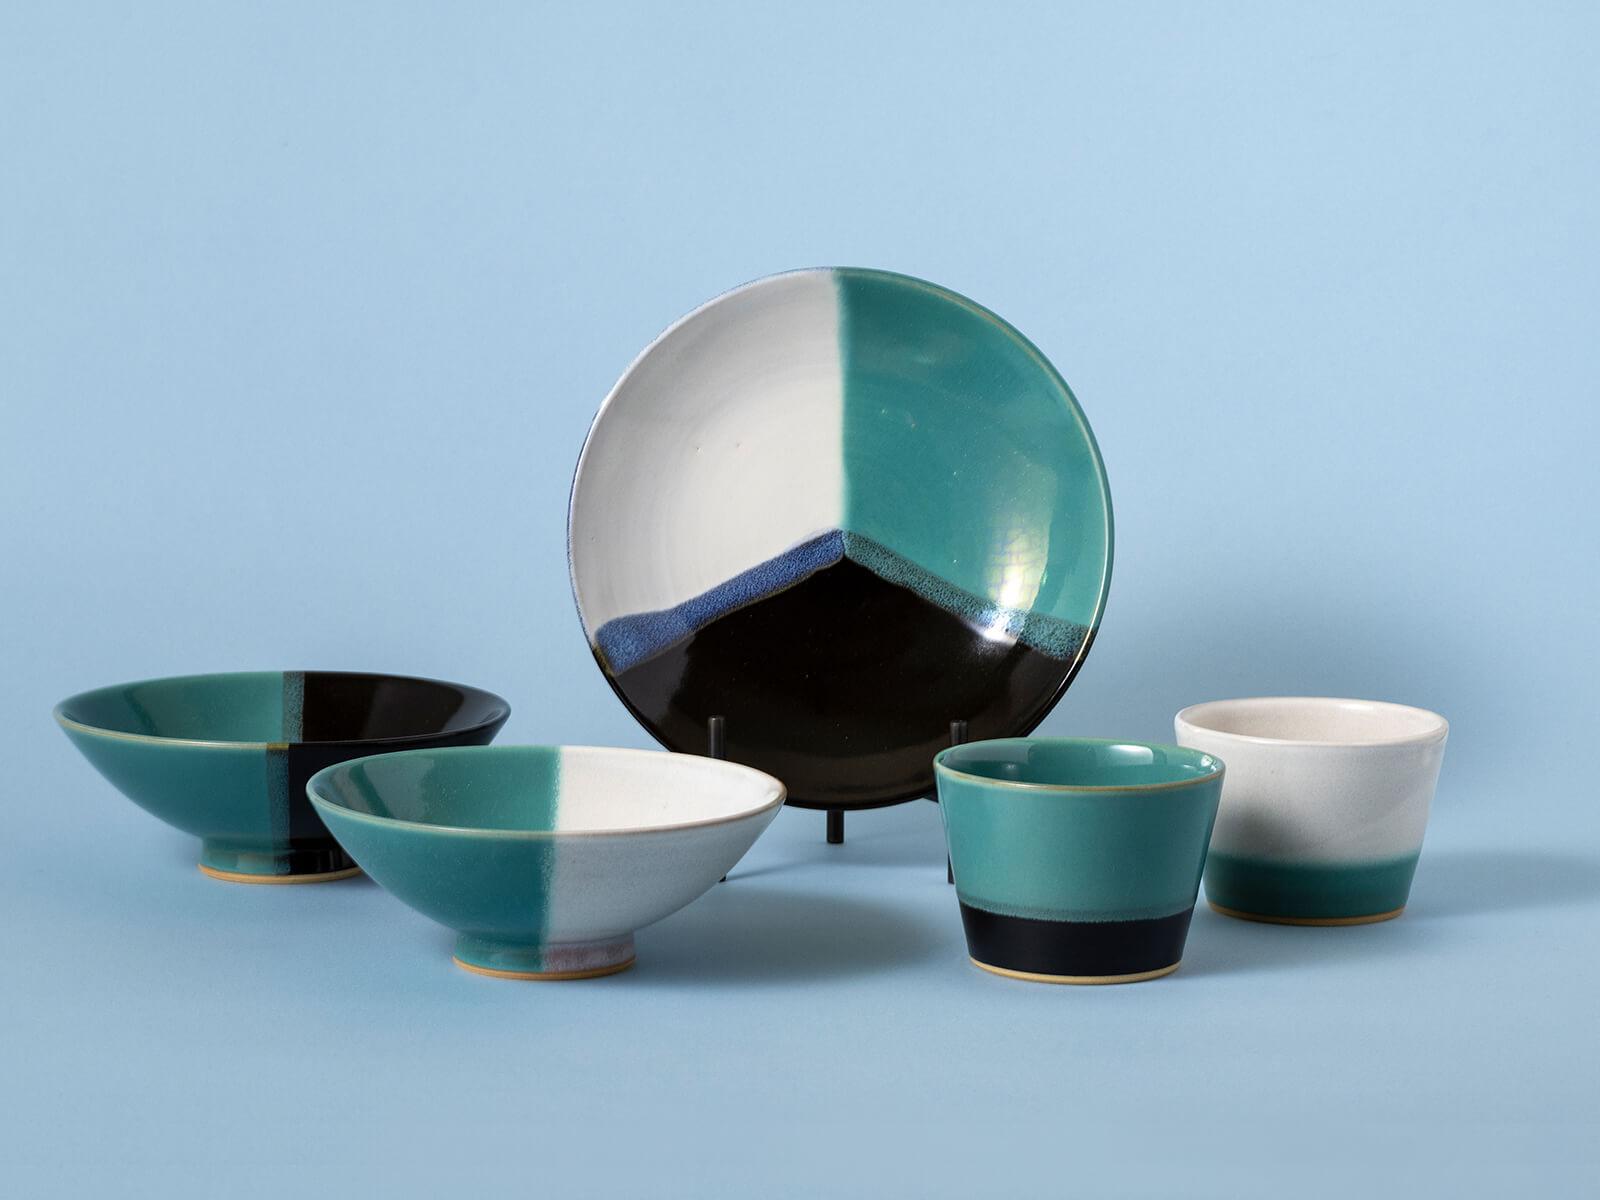 因州 中井窯:印象的な緑と白の掛分けは、中井窯の顔とも言えるうつわ。2000年からは、プロダクトデザイナー柳宗理らと共に仕事もし、新しい風をおこしている。